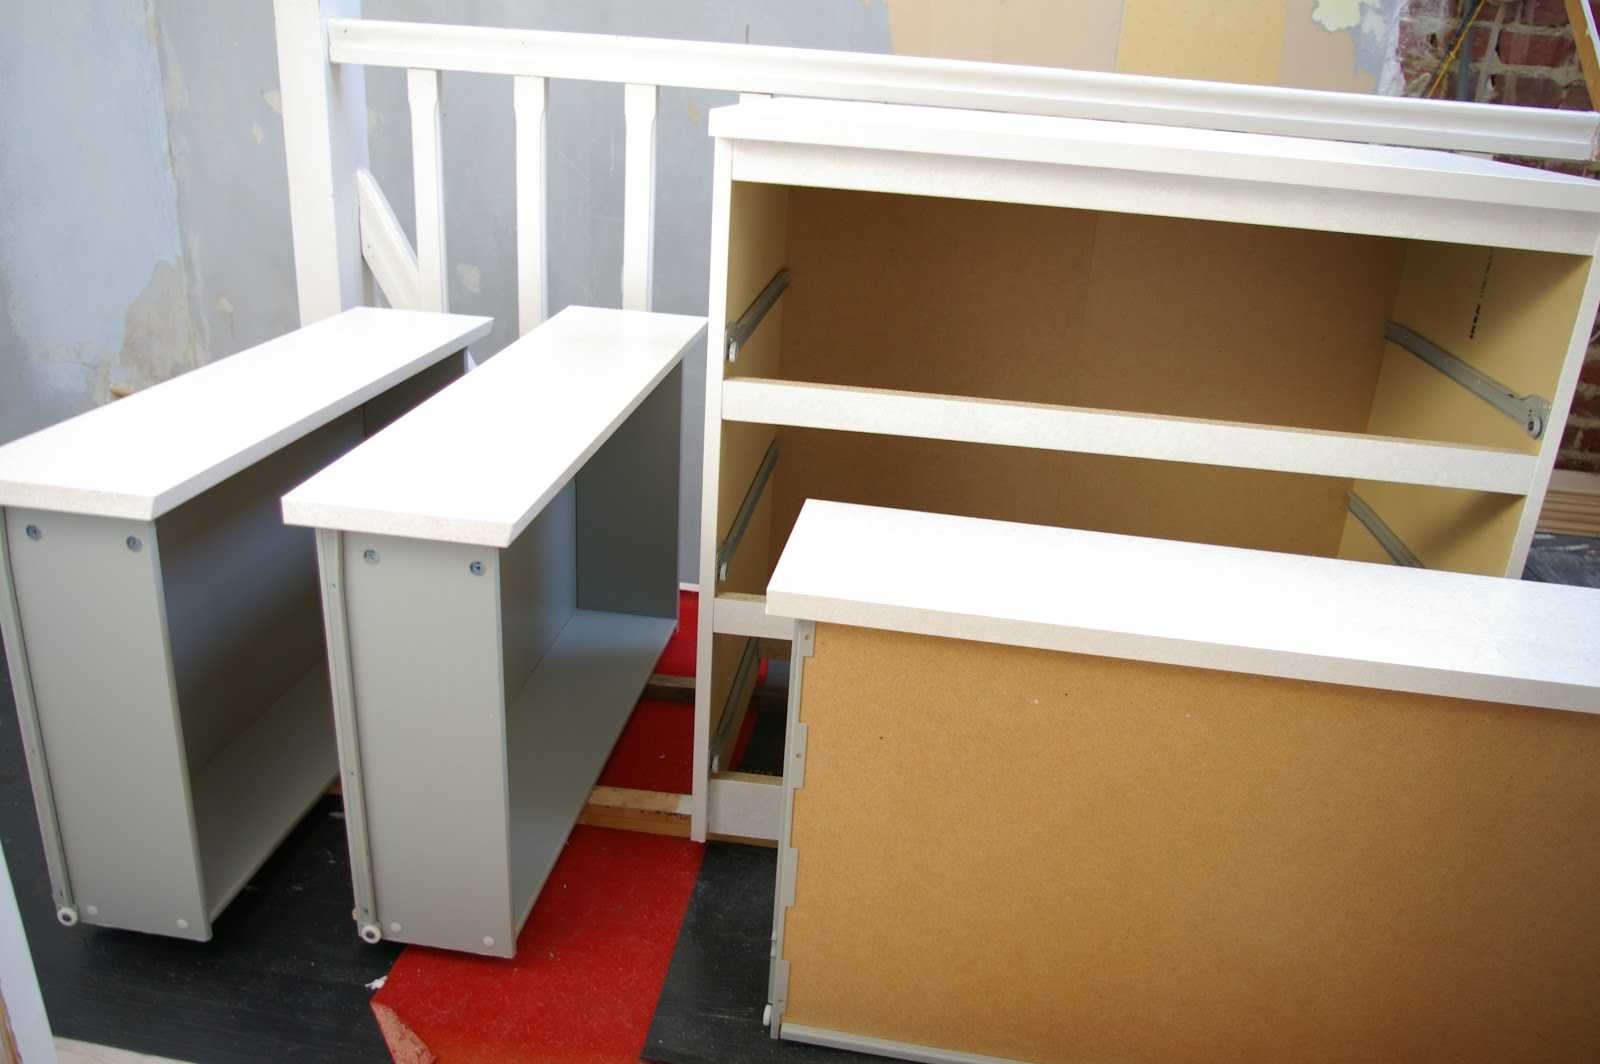 Petit Meuble A Peindre Petit Meuble De Rangement Cuisine Peindre  # Customiser Meuble Ikea Cube